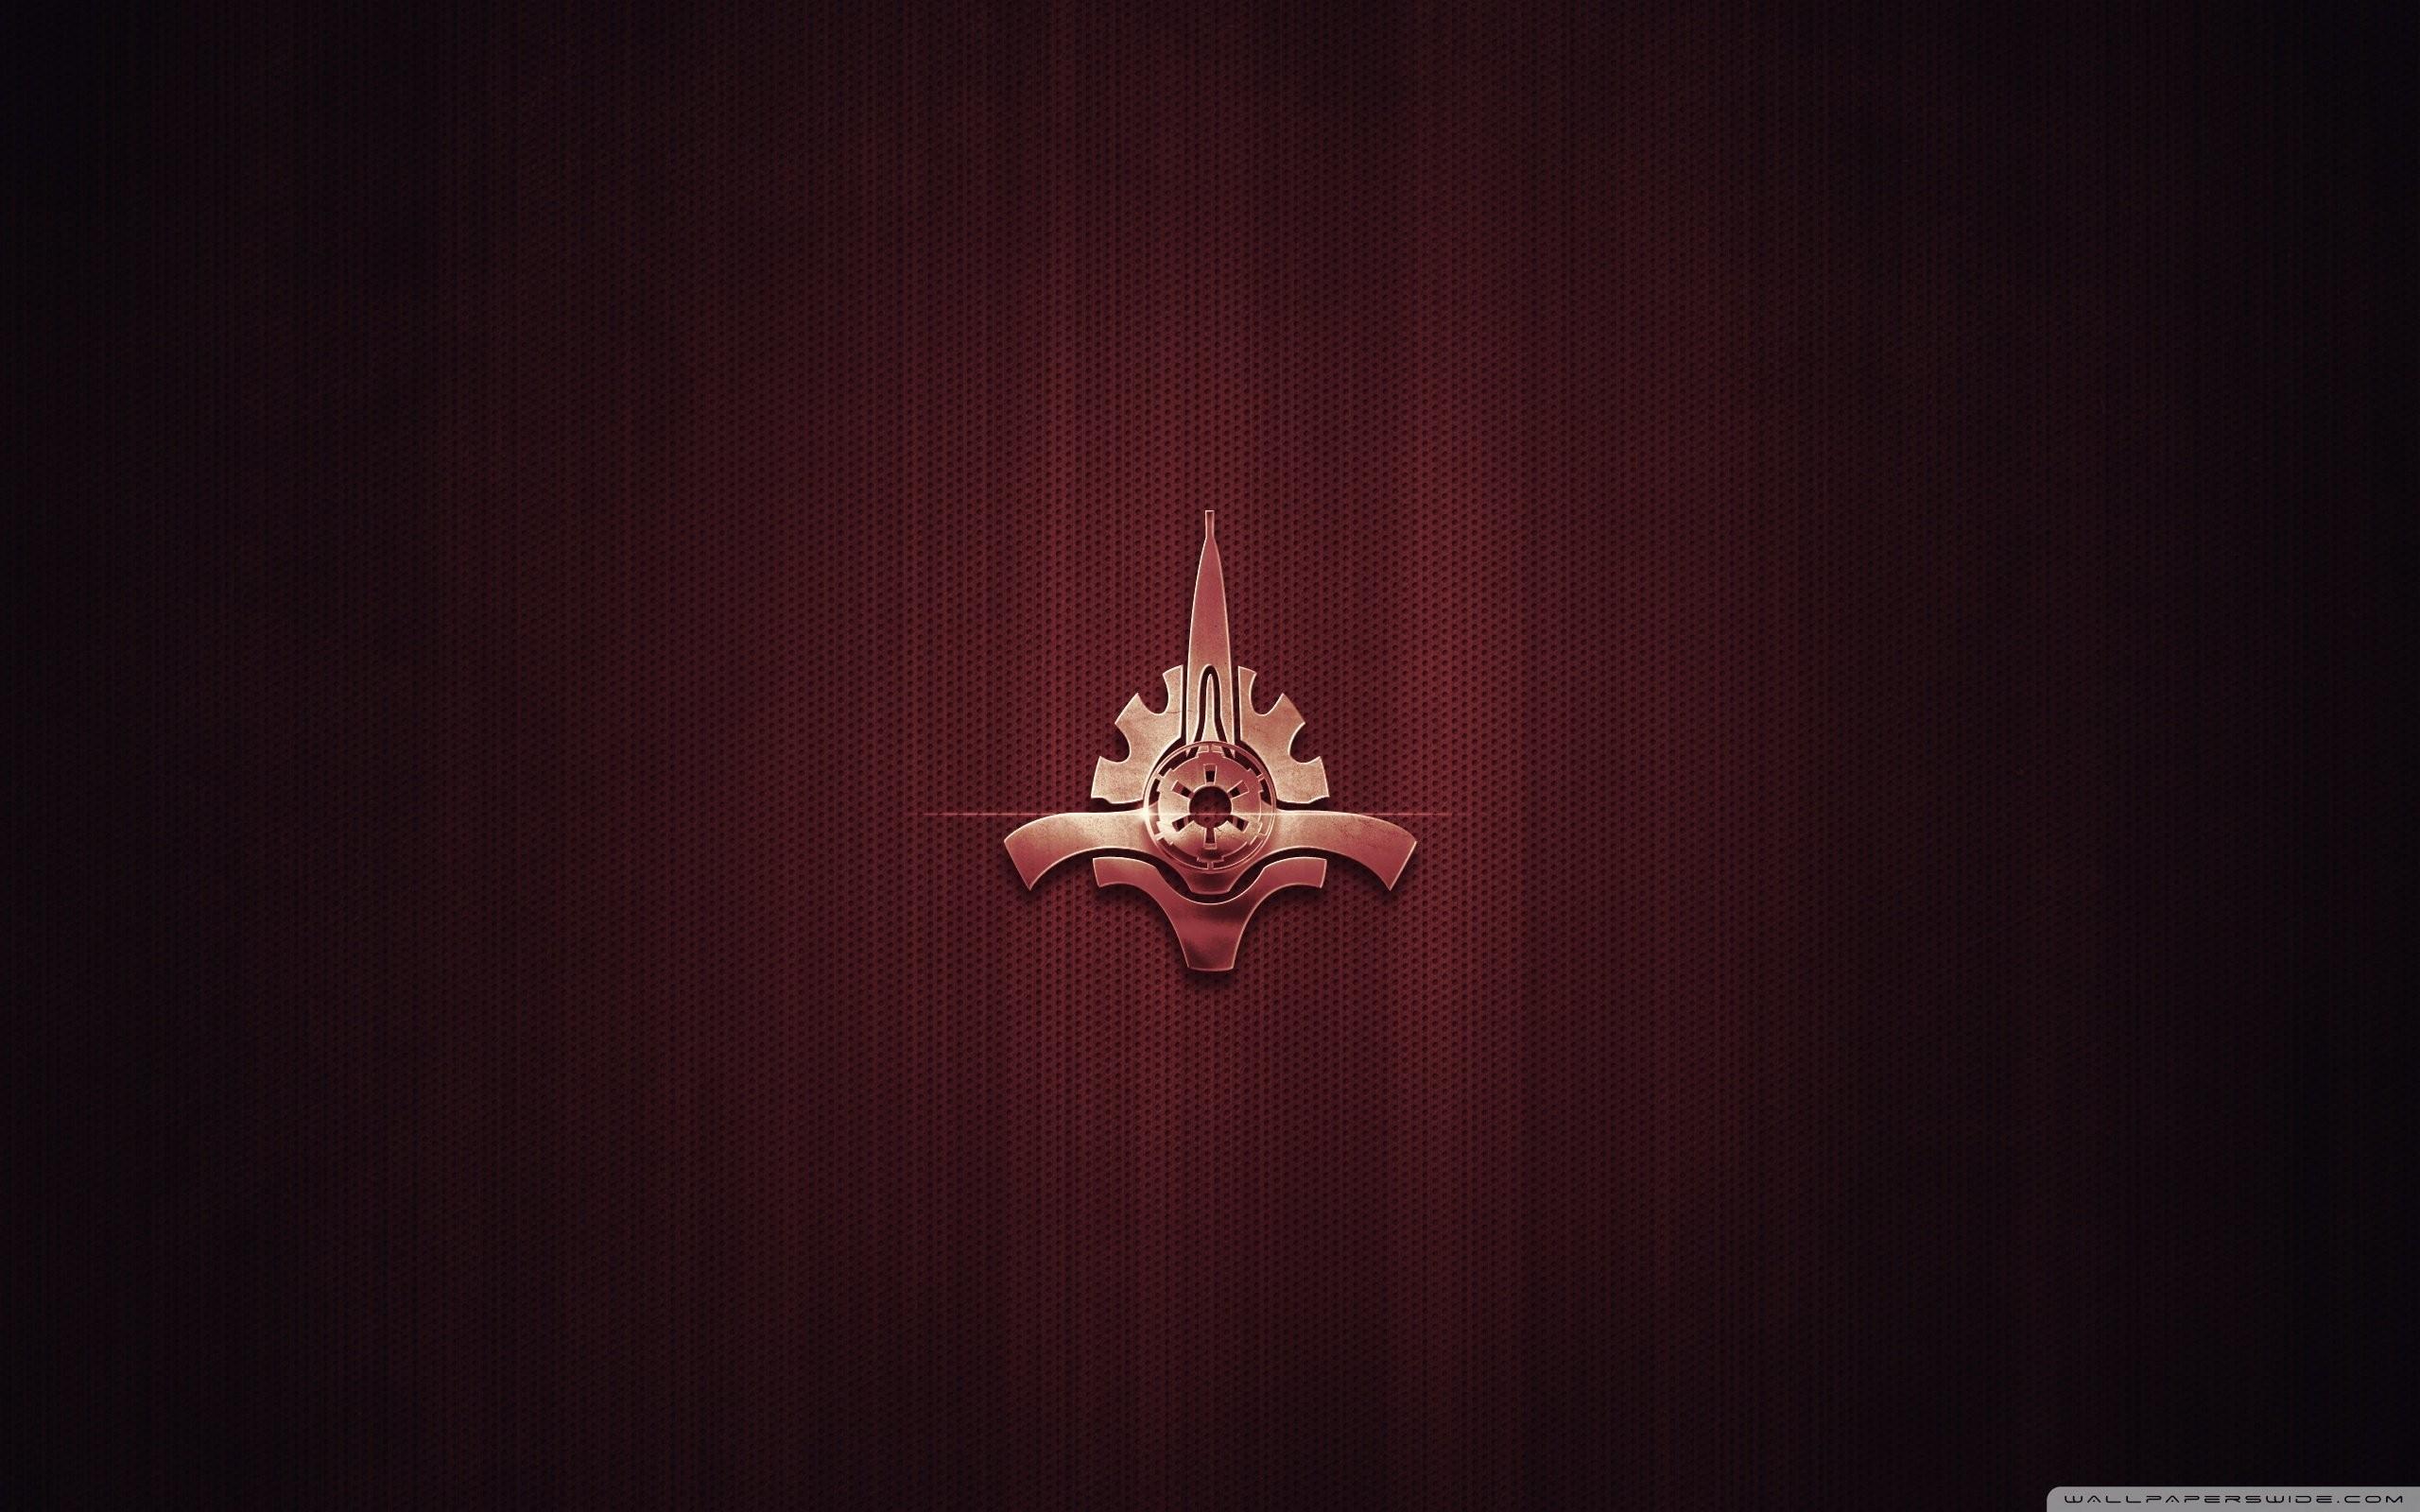 Star wars symbol-wallpaper-wallpaper | | 238502 .